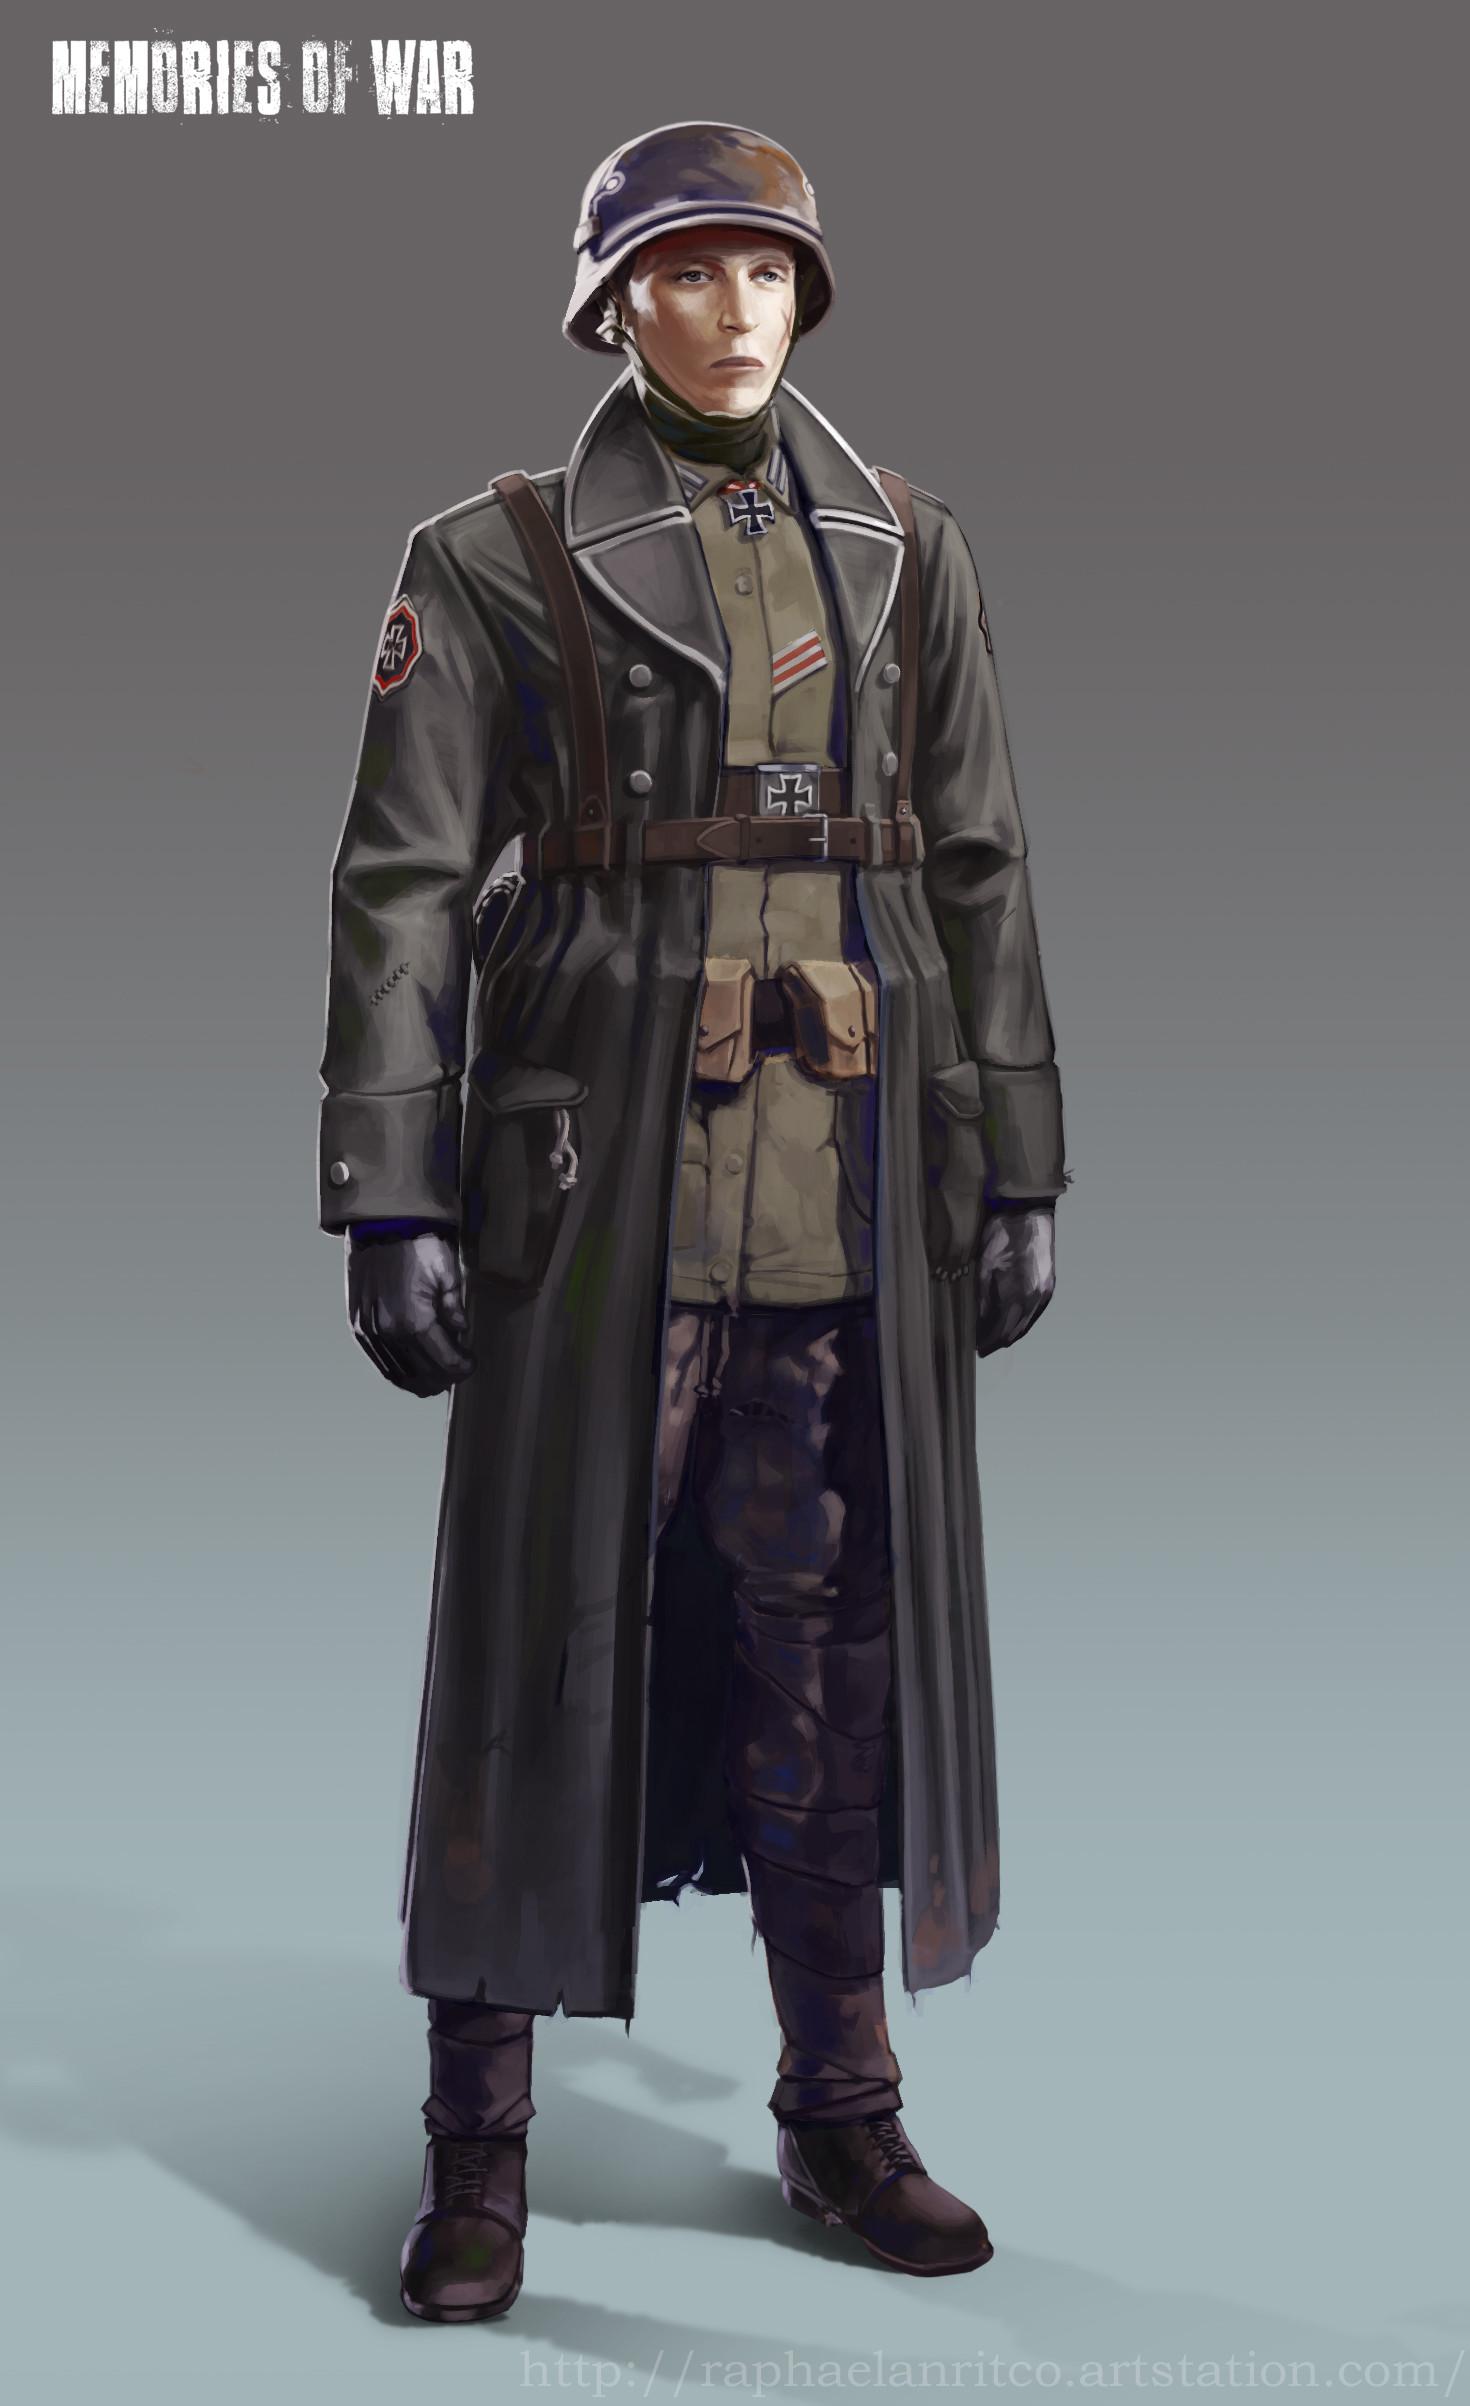 Nicolas morales 1 concept g sniper final